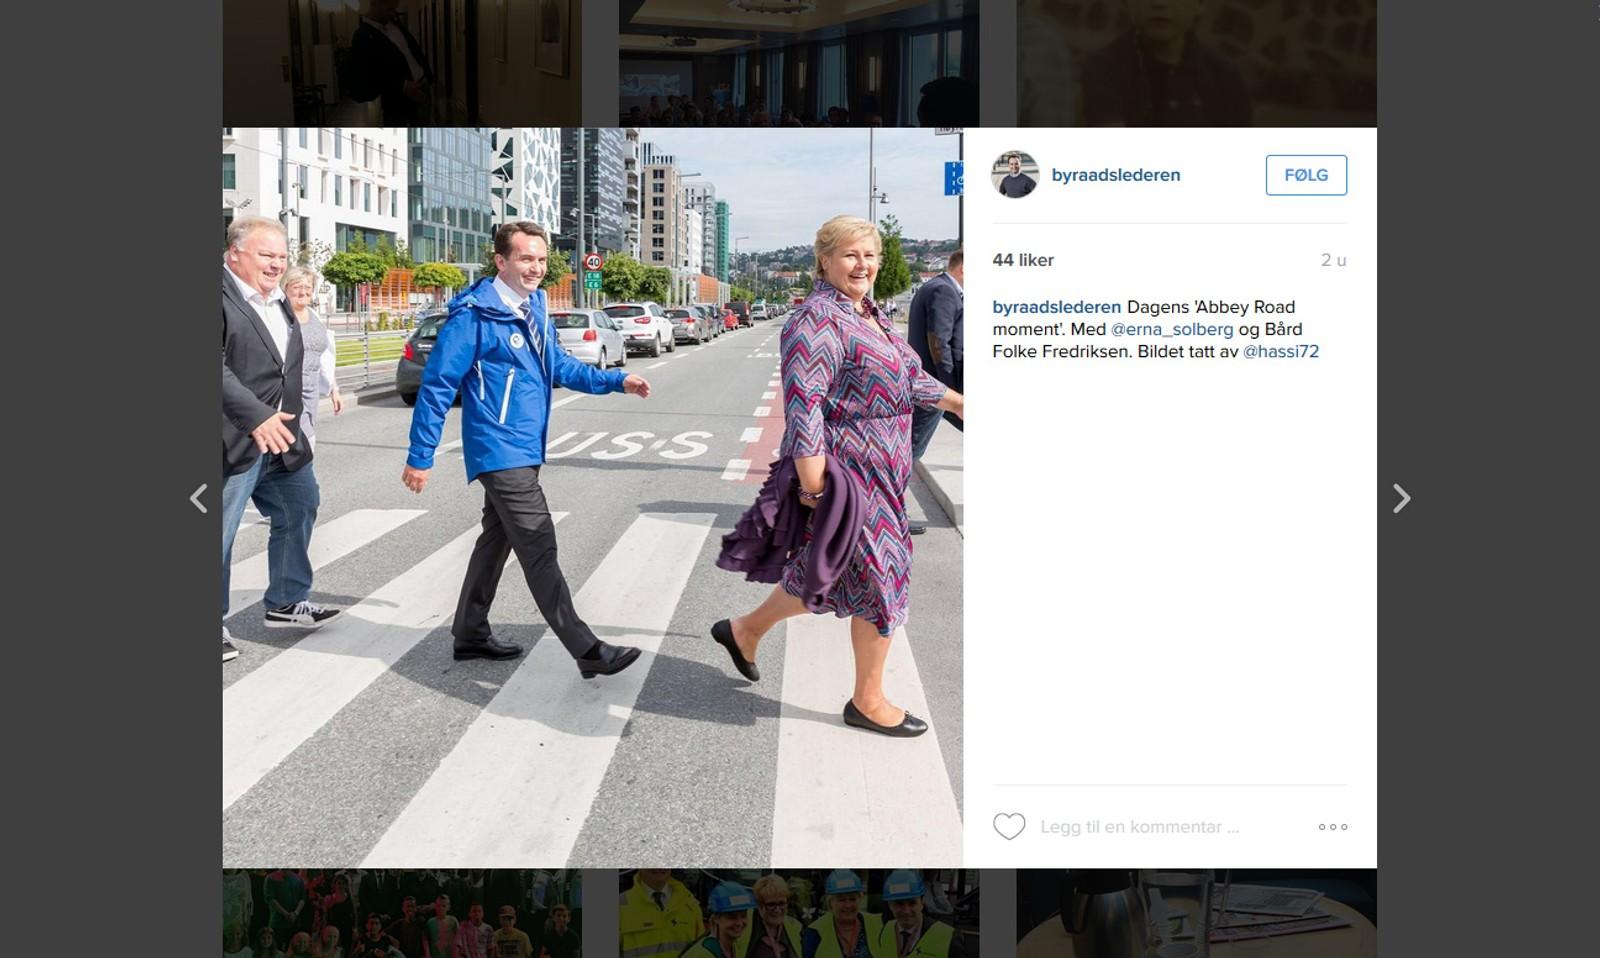 Oslo Høyre forsøker å vise fram litt mer av politikerne sine enn bare det politiske i sosiale medier, forteller Maria Göthner.